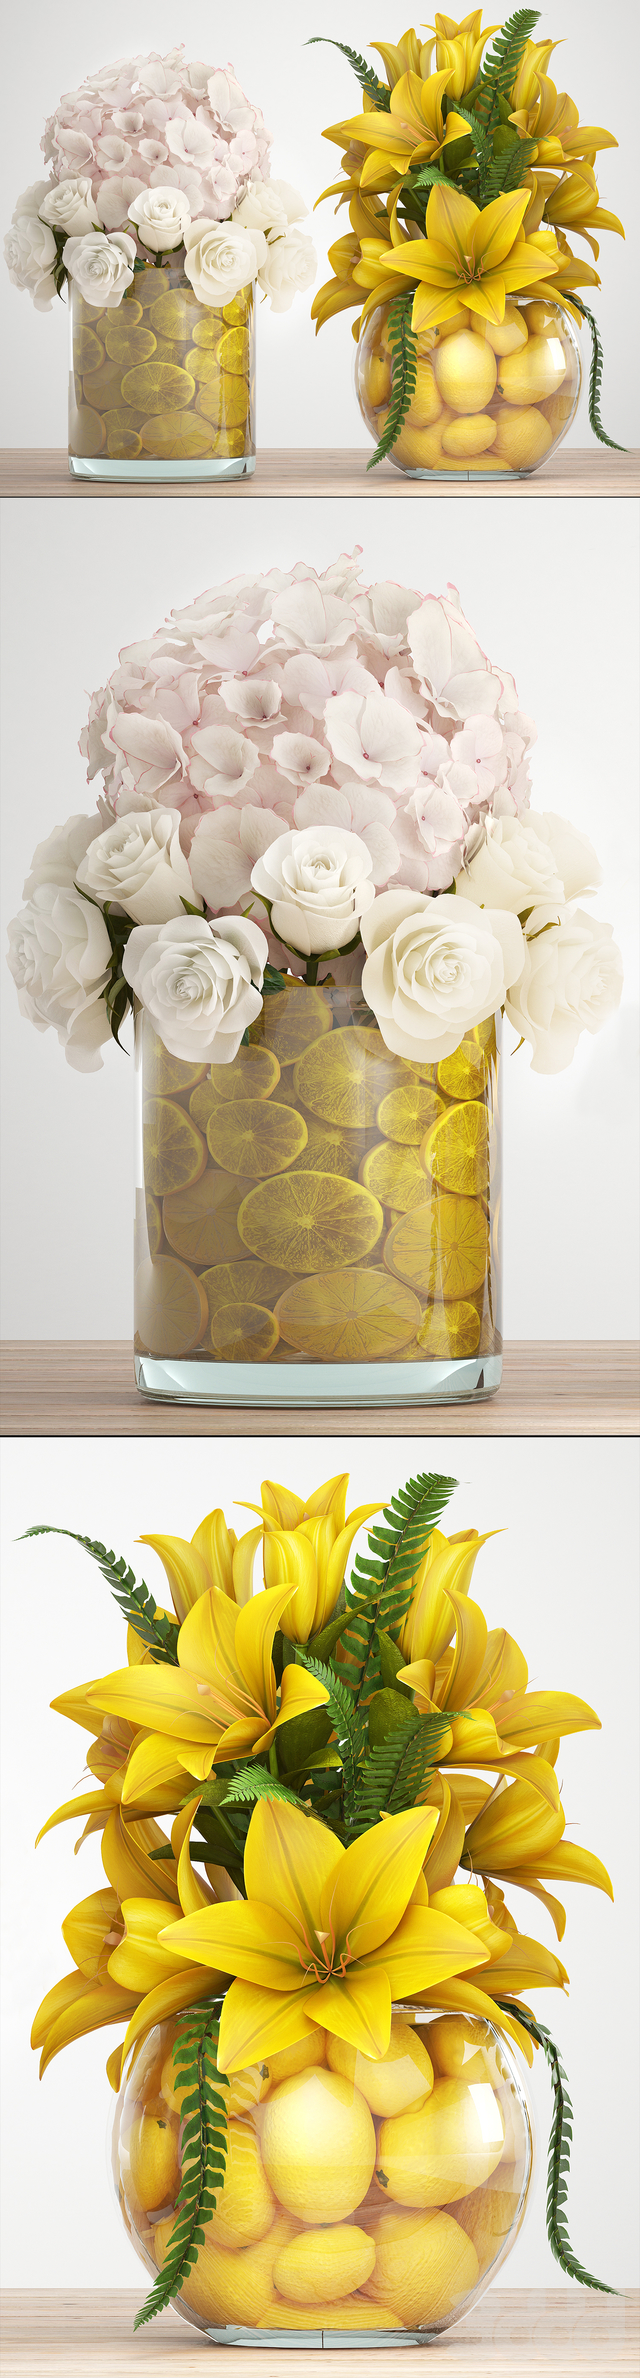 Букет цветов 67.